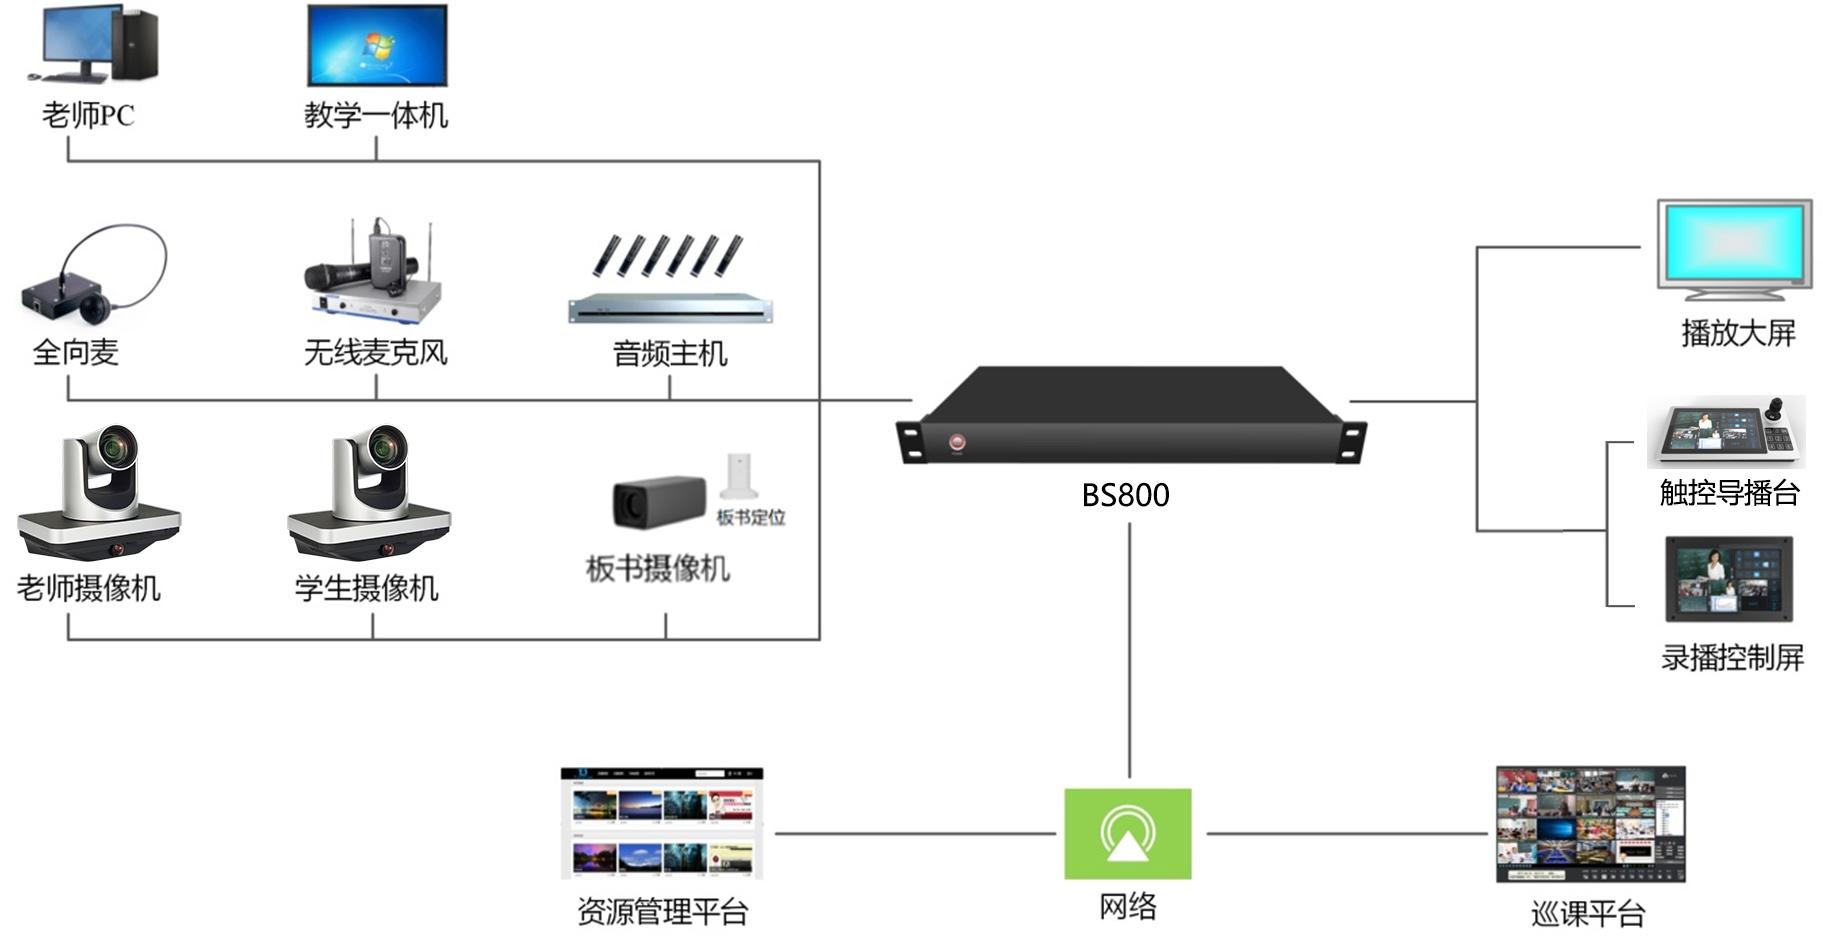 百视视讯录播系统软件升级说明